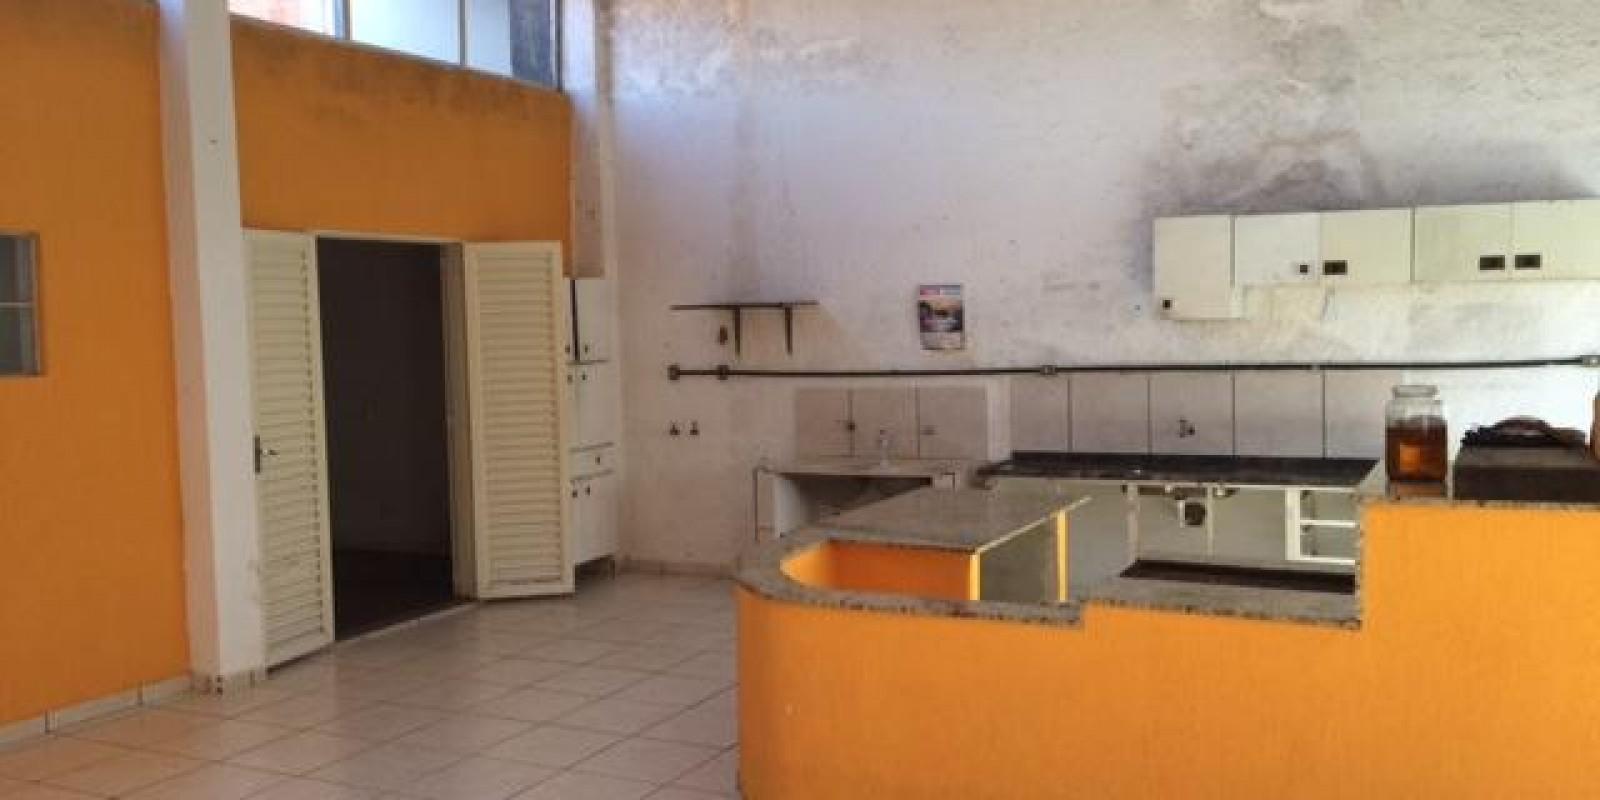 Casa no Centro de Avaré SP - Foto 7 de 12